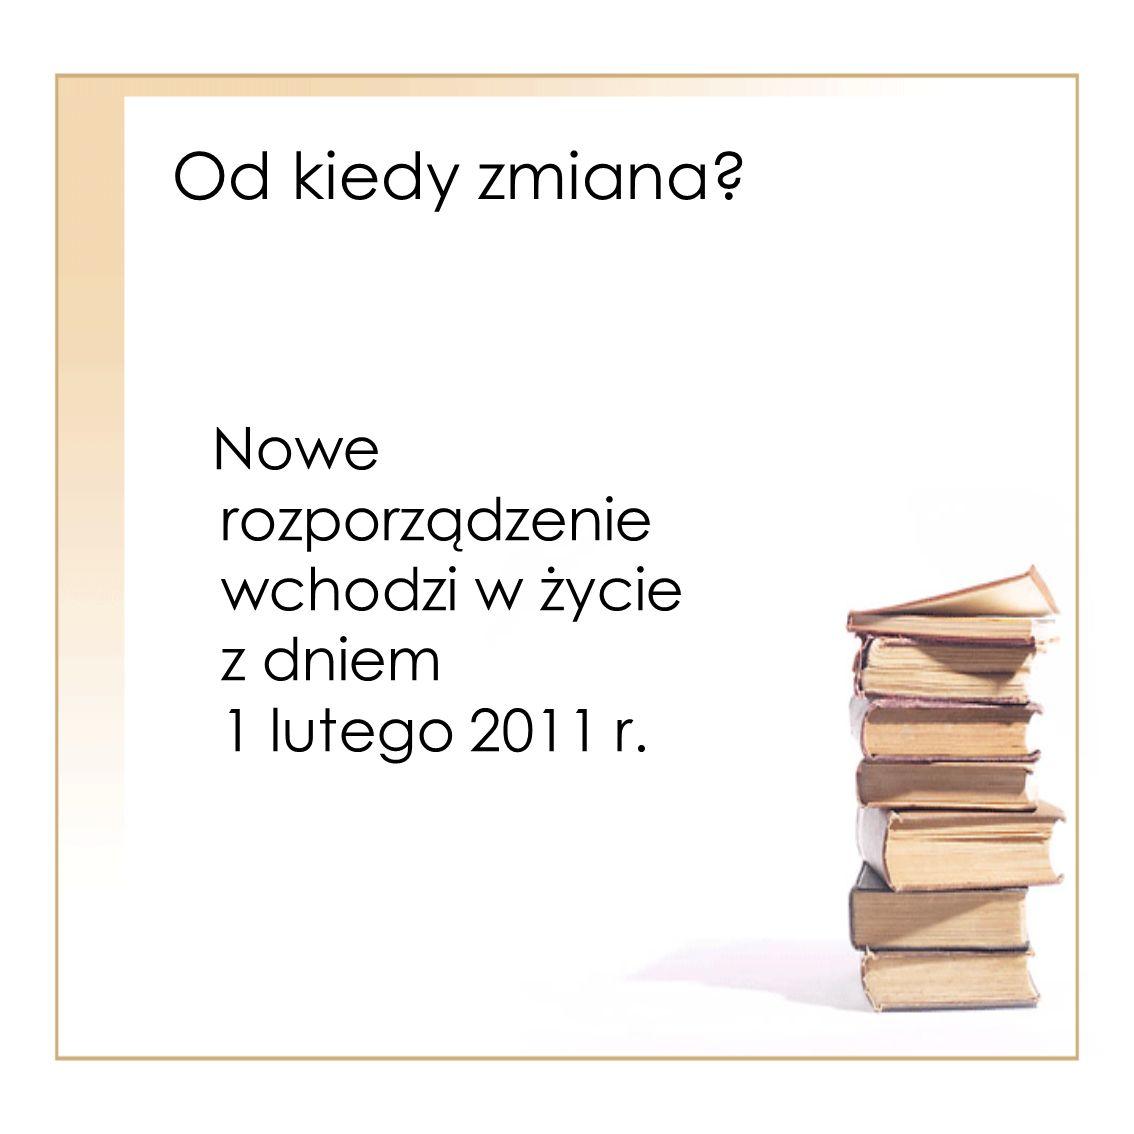 Od kiedy zmiana Nowe rozporządzenie wchodzi w życie z dniem 1 lutego 2011 r.